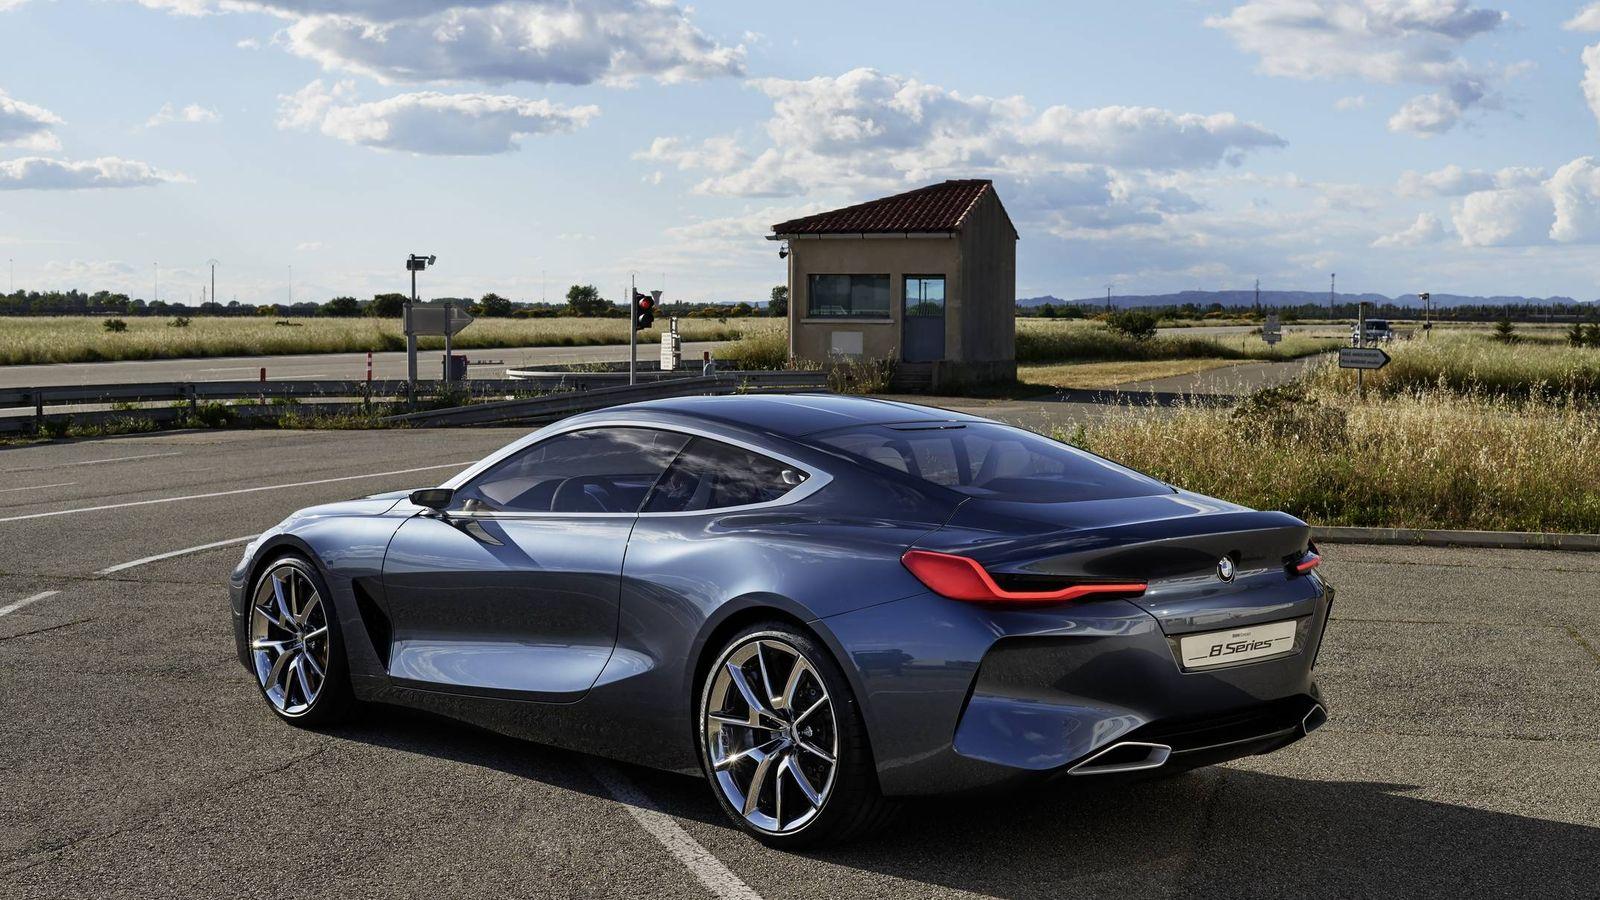 Foto: BMW Serie 8 Concept, ante sala del nuevo coupé grande de BMW